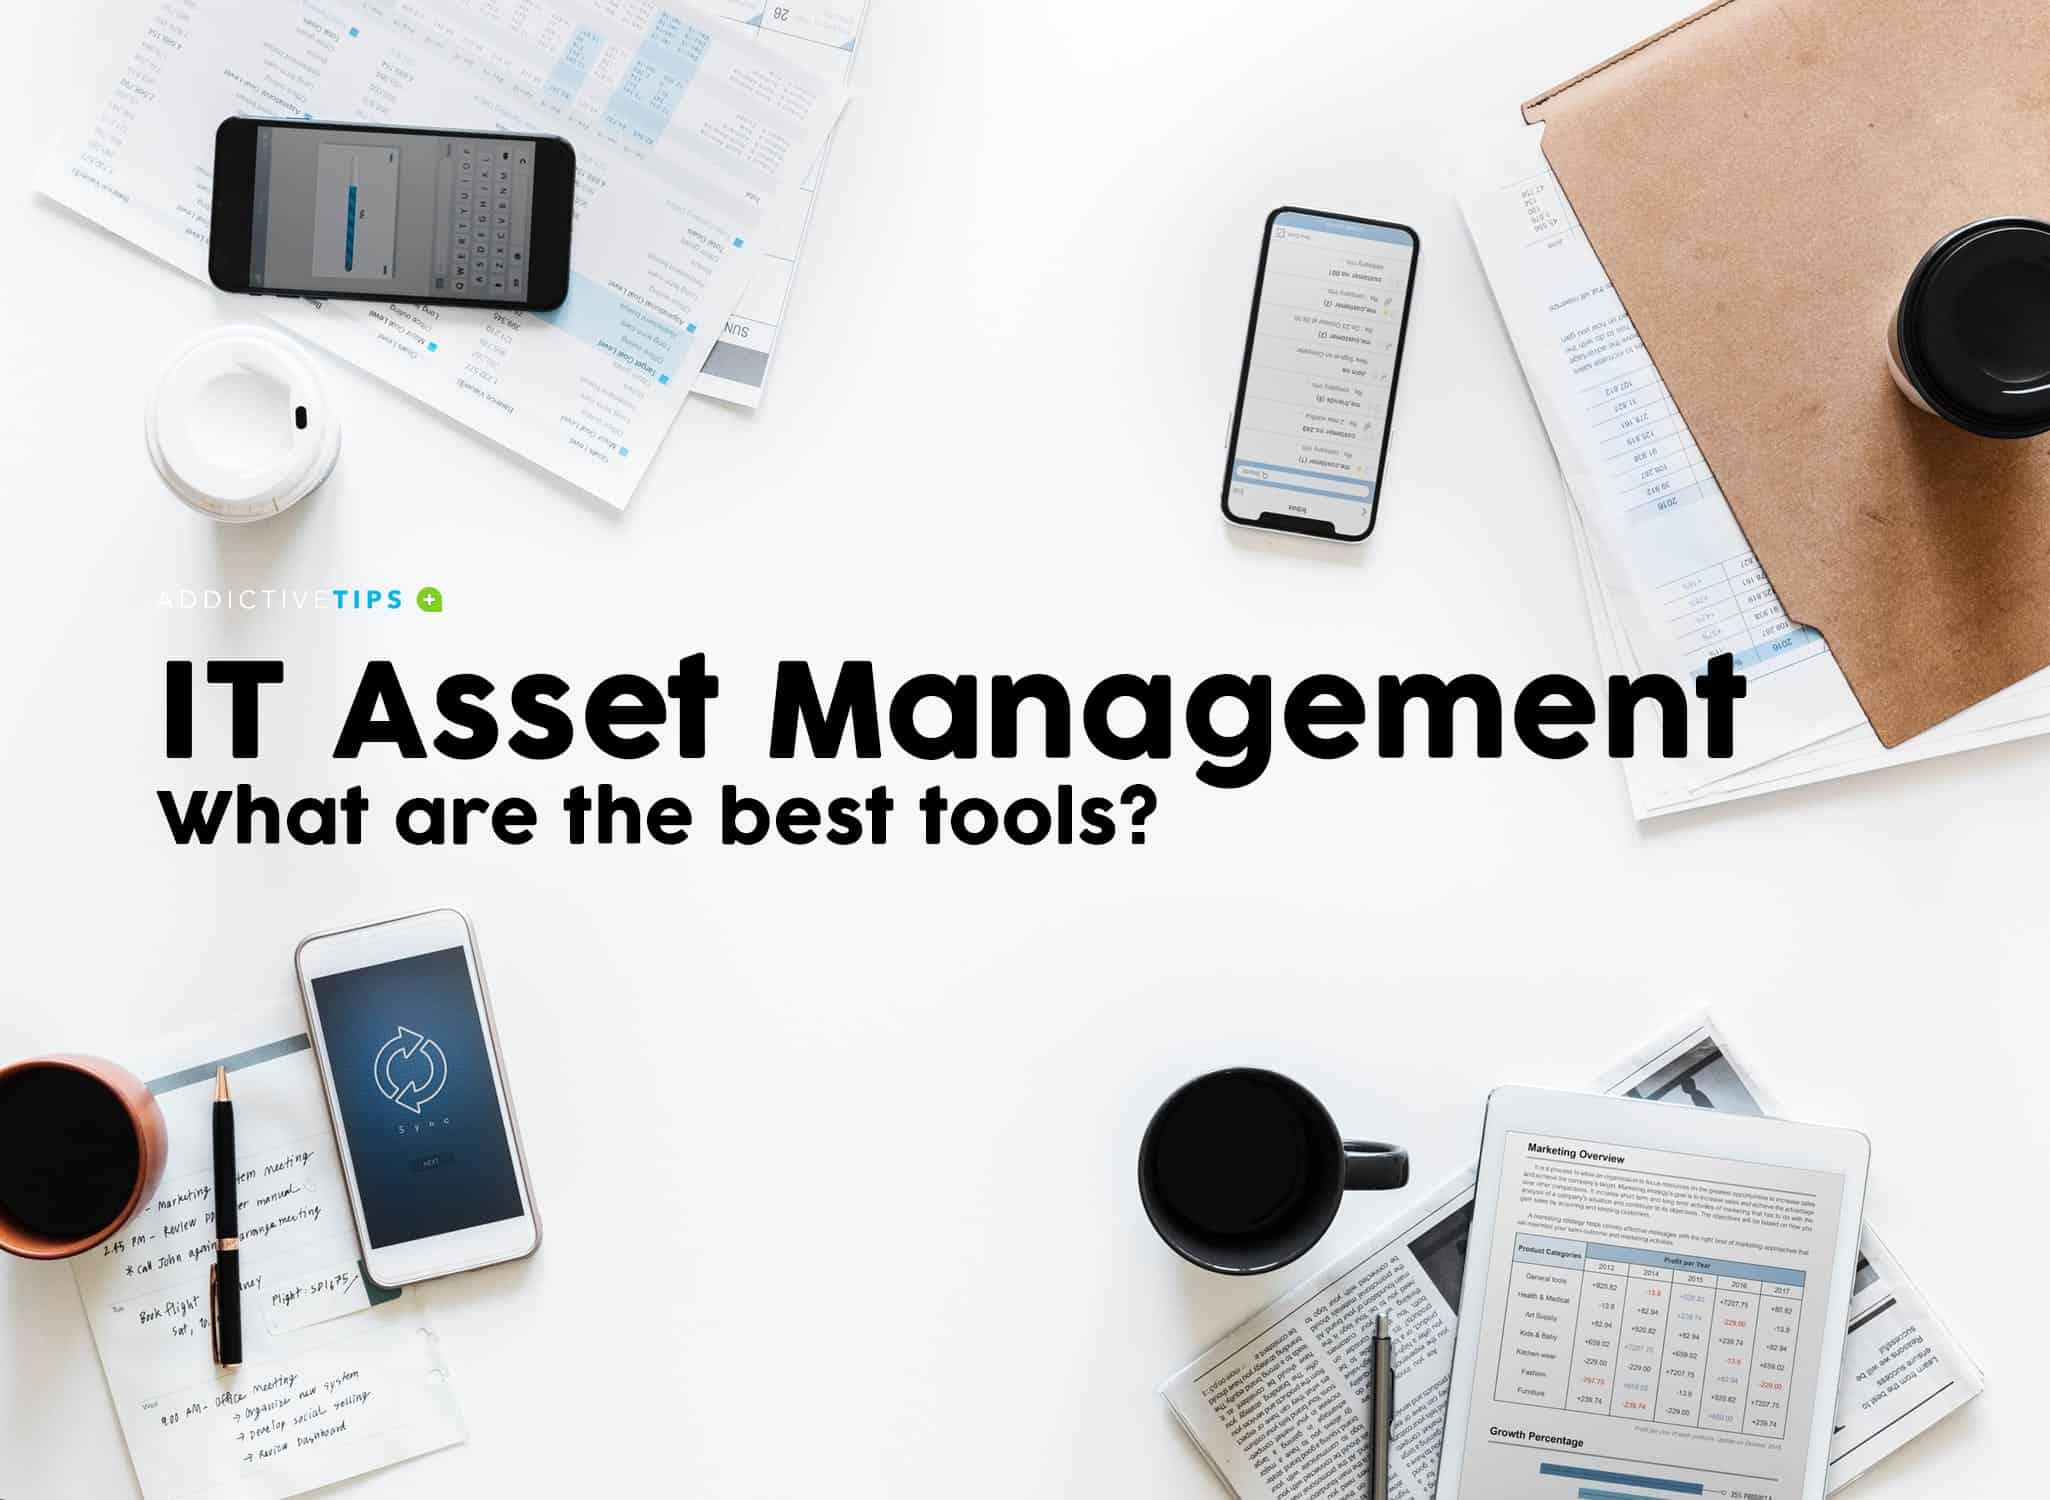 IT Asset Management - Best tools